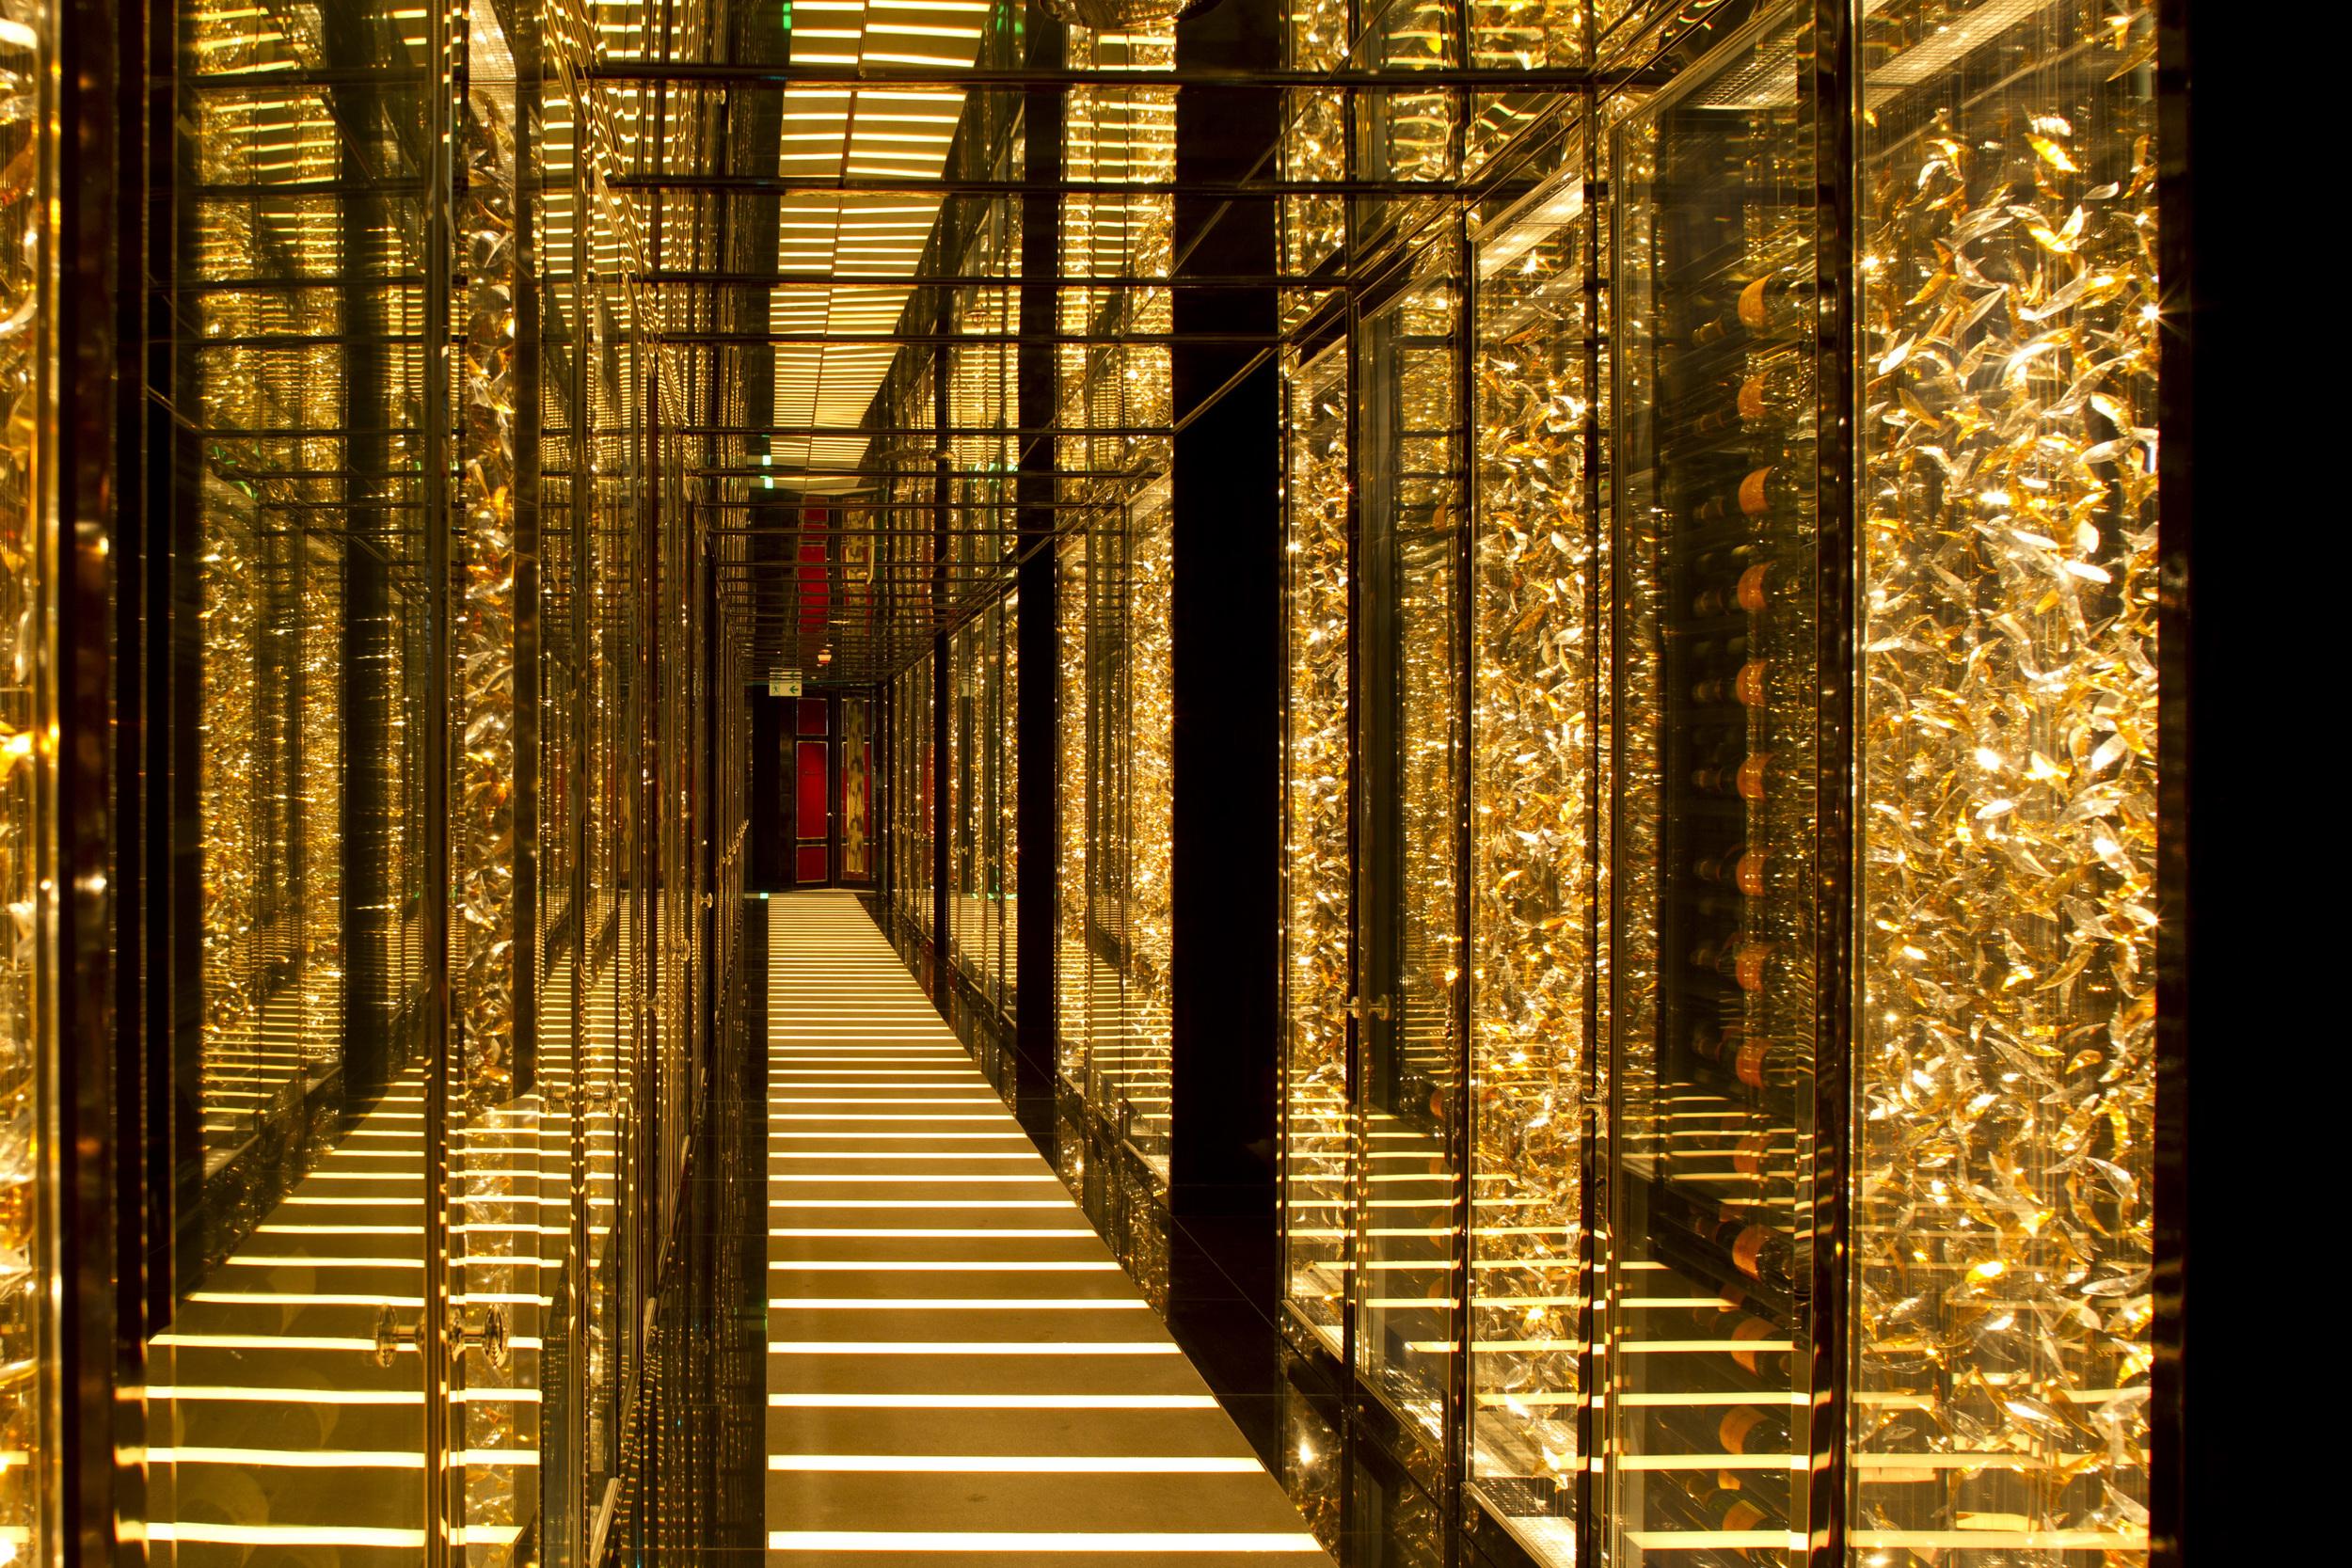 3000px_2011Mar27_FT_RitzCarltonHotelHK_0093.jpg